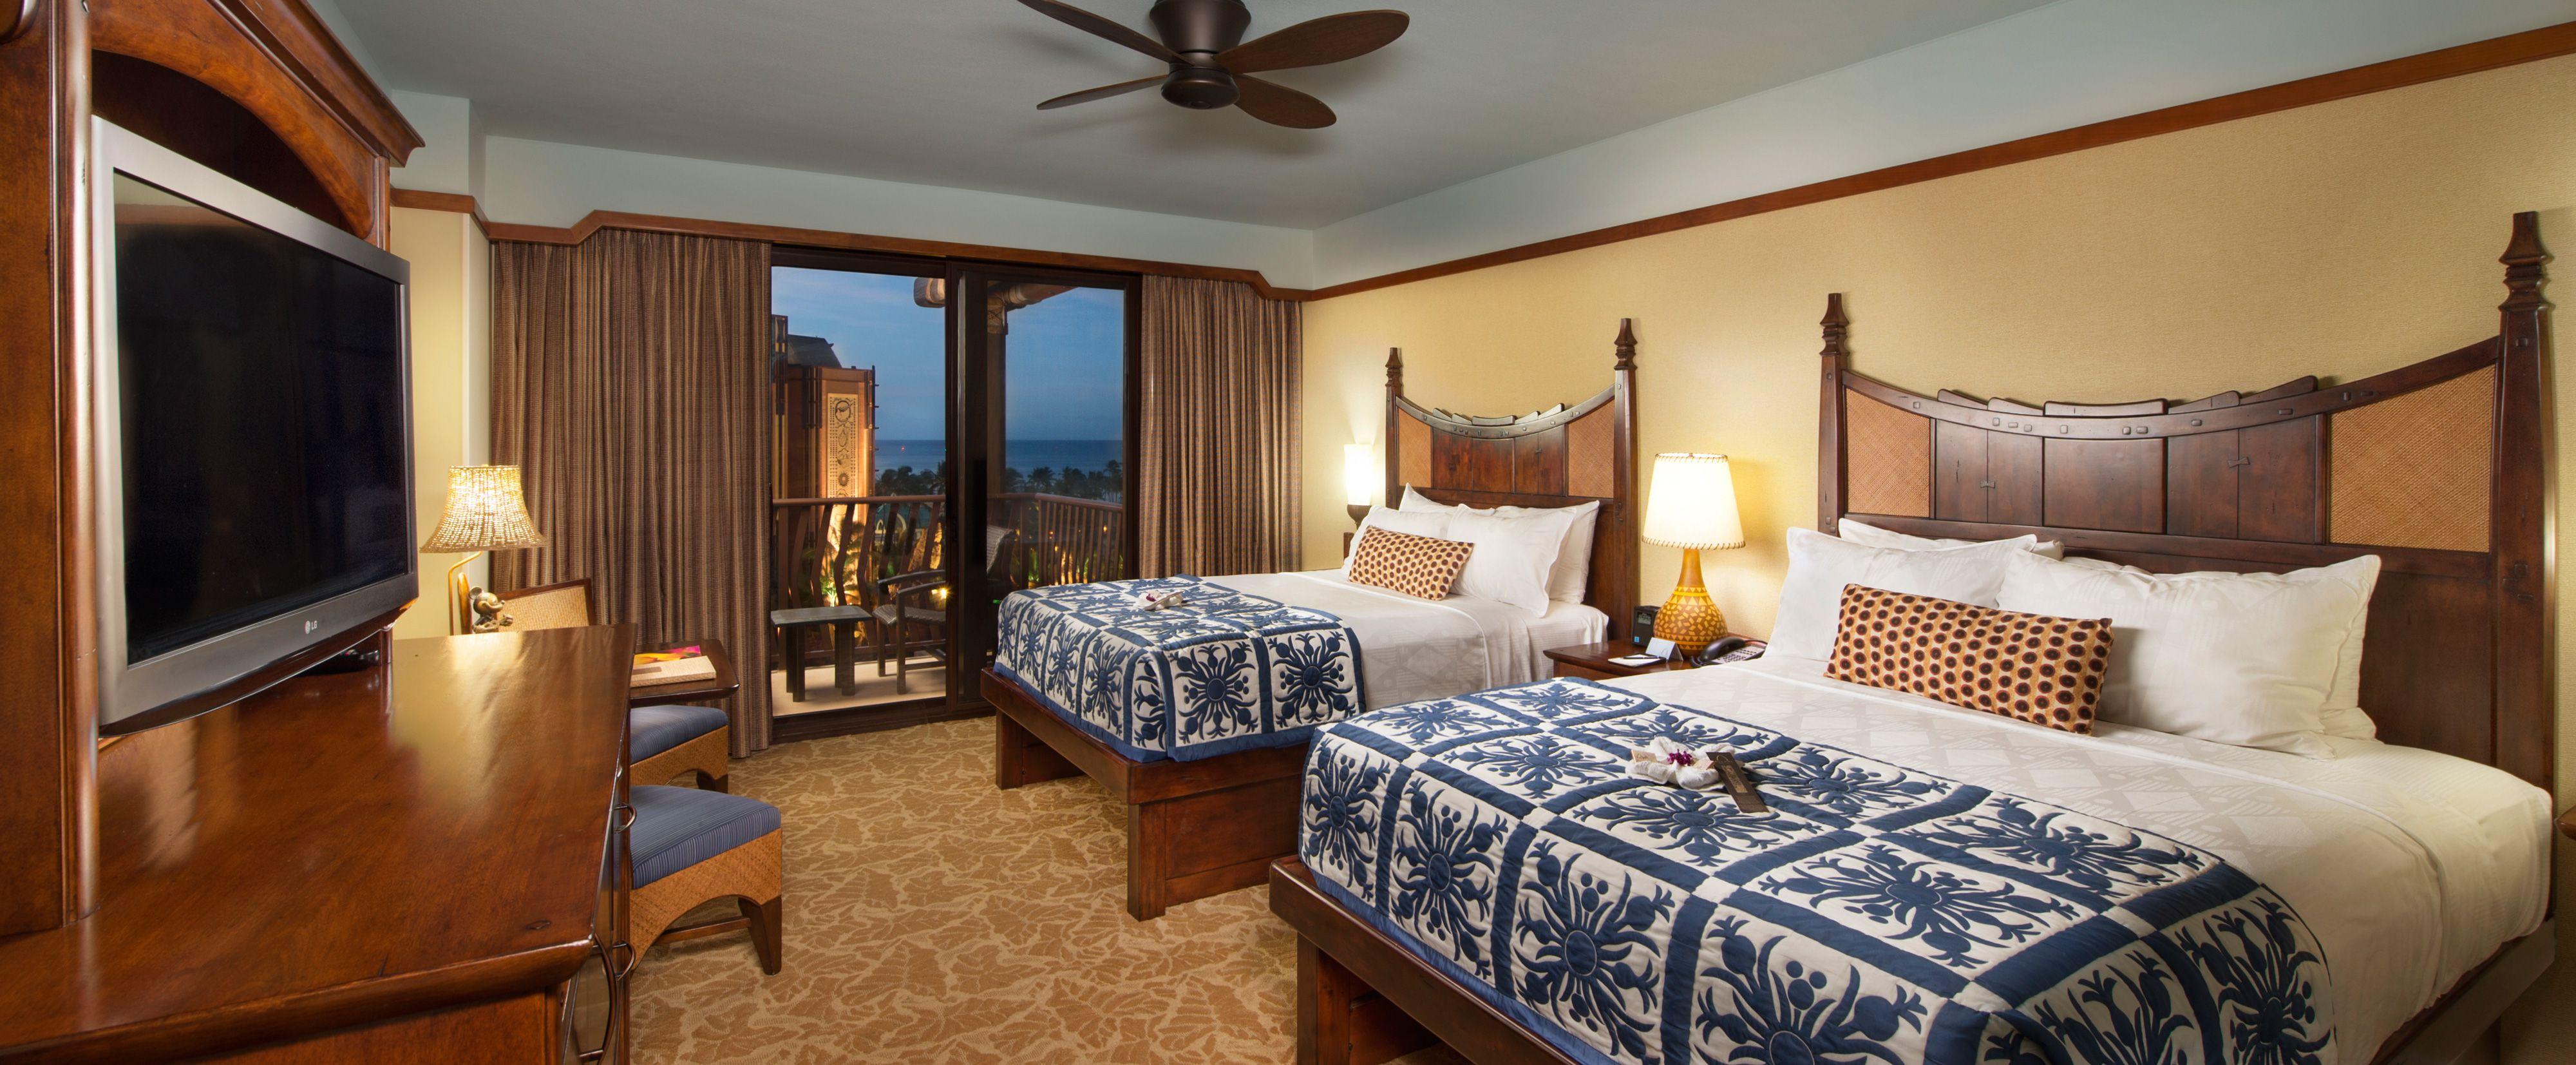 Standard Hotel Room Aulani